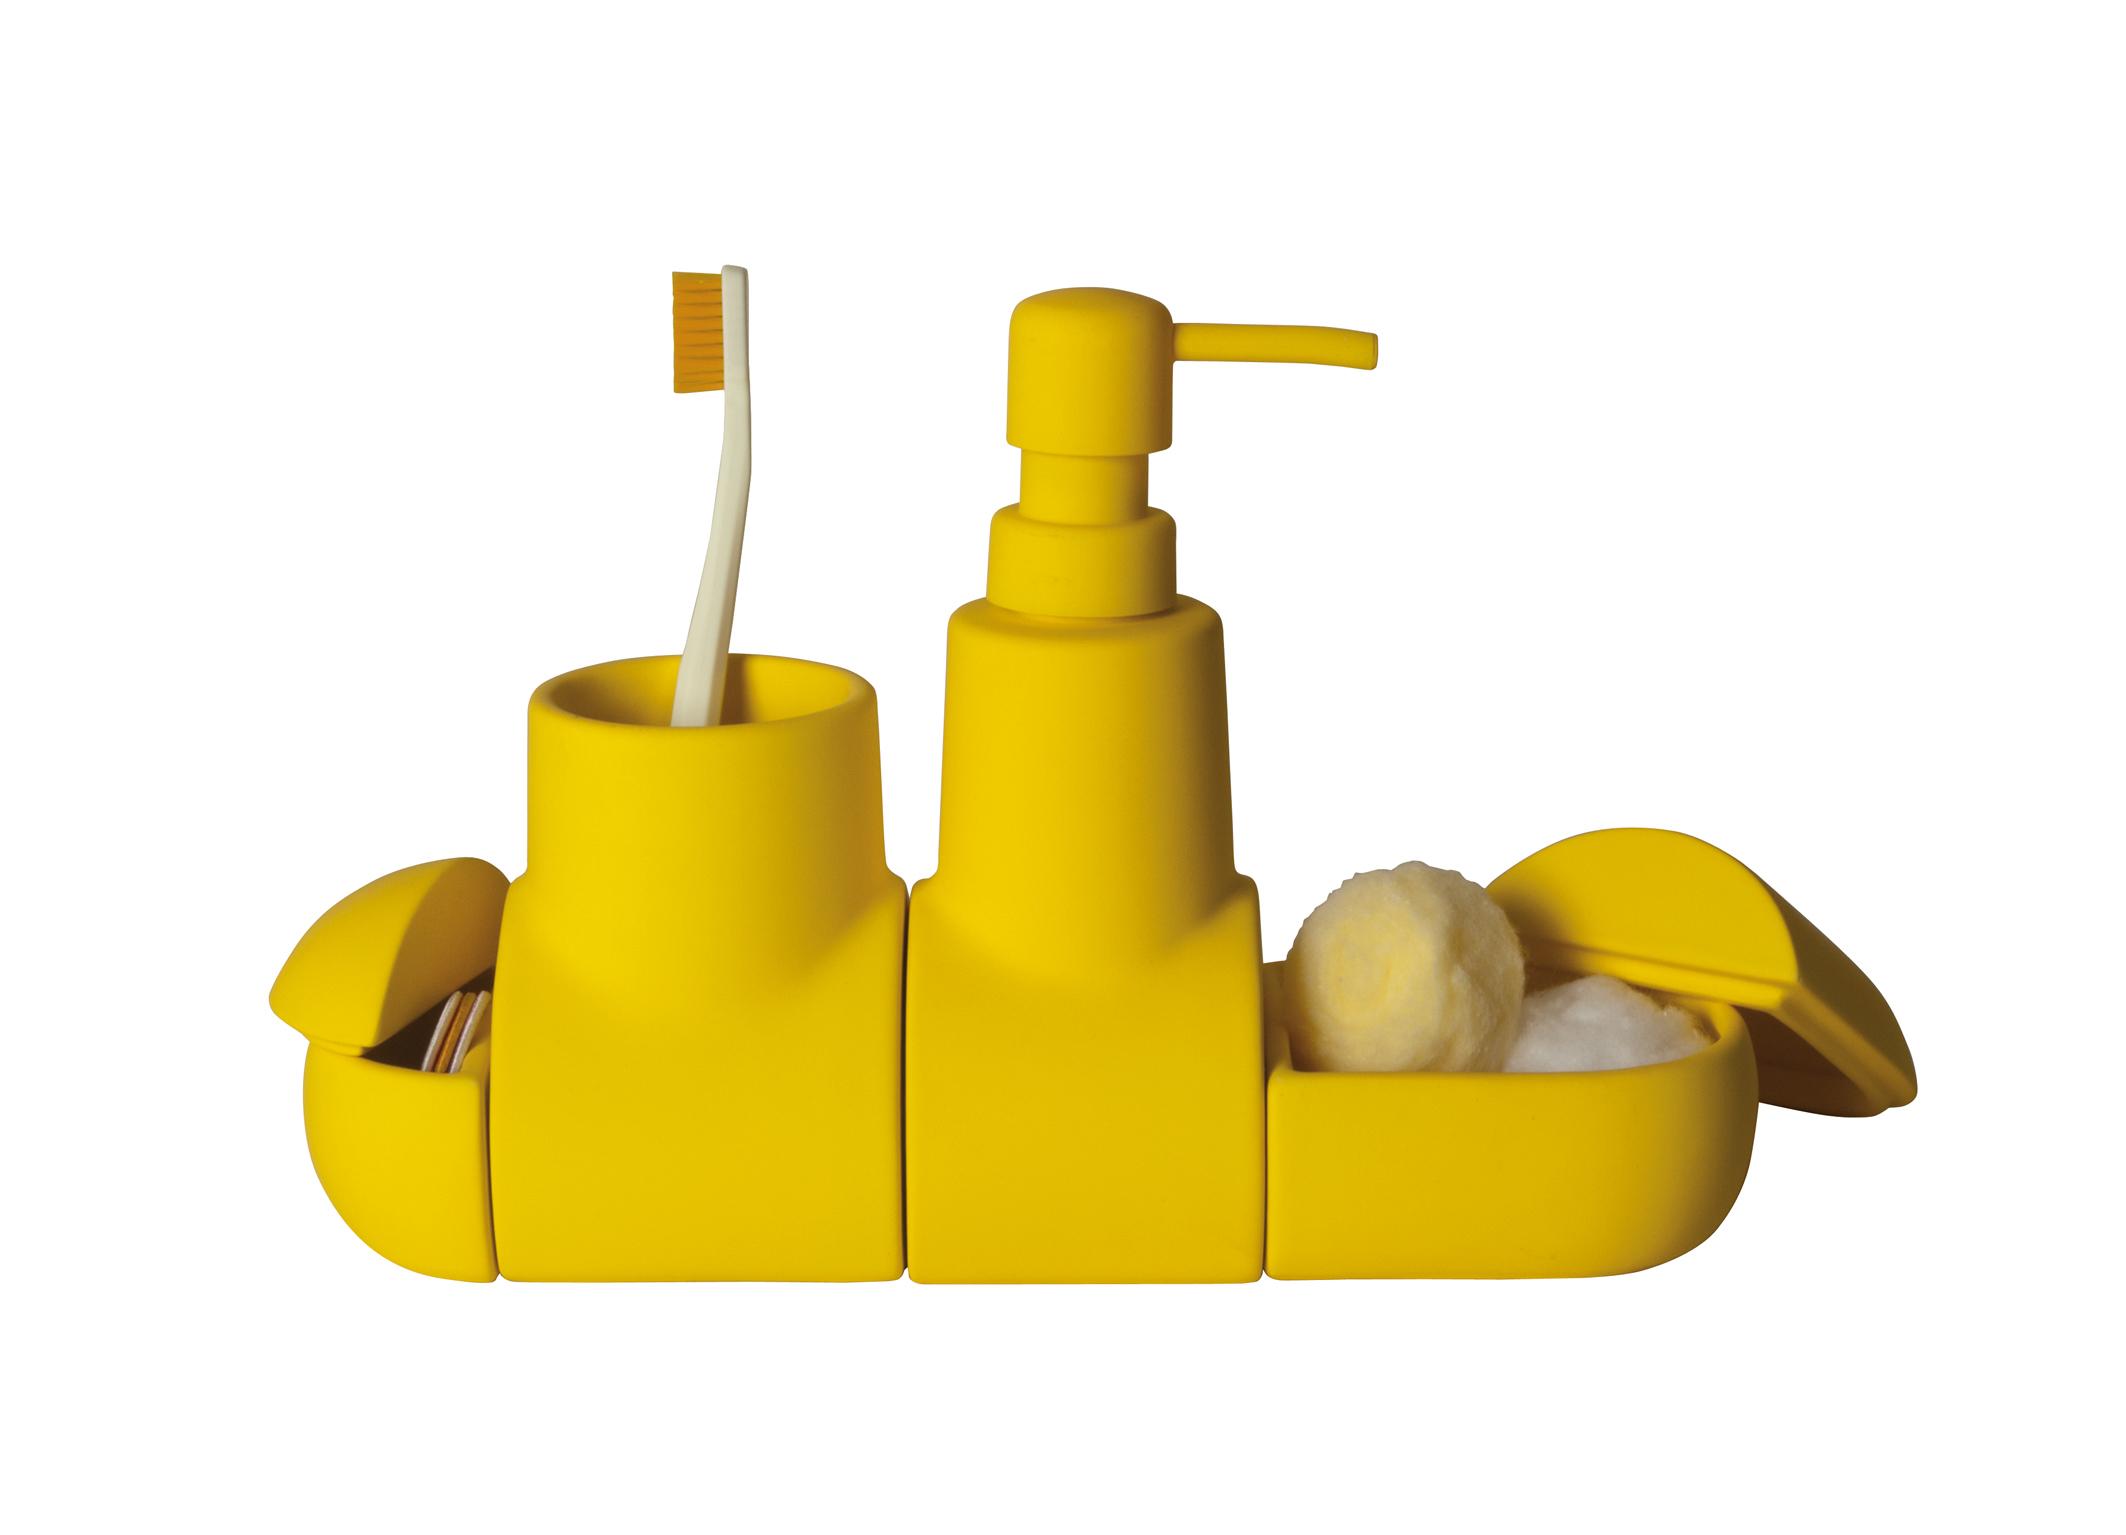 Kit Banheiro Submarino by Hector Serrano — MyDecor #CBA900 2126 1535